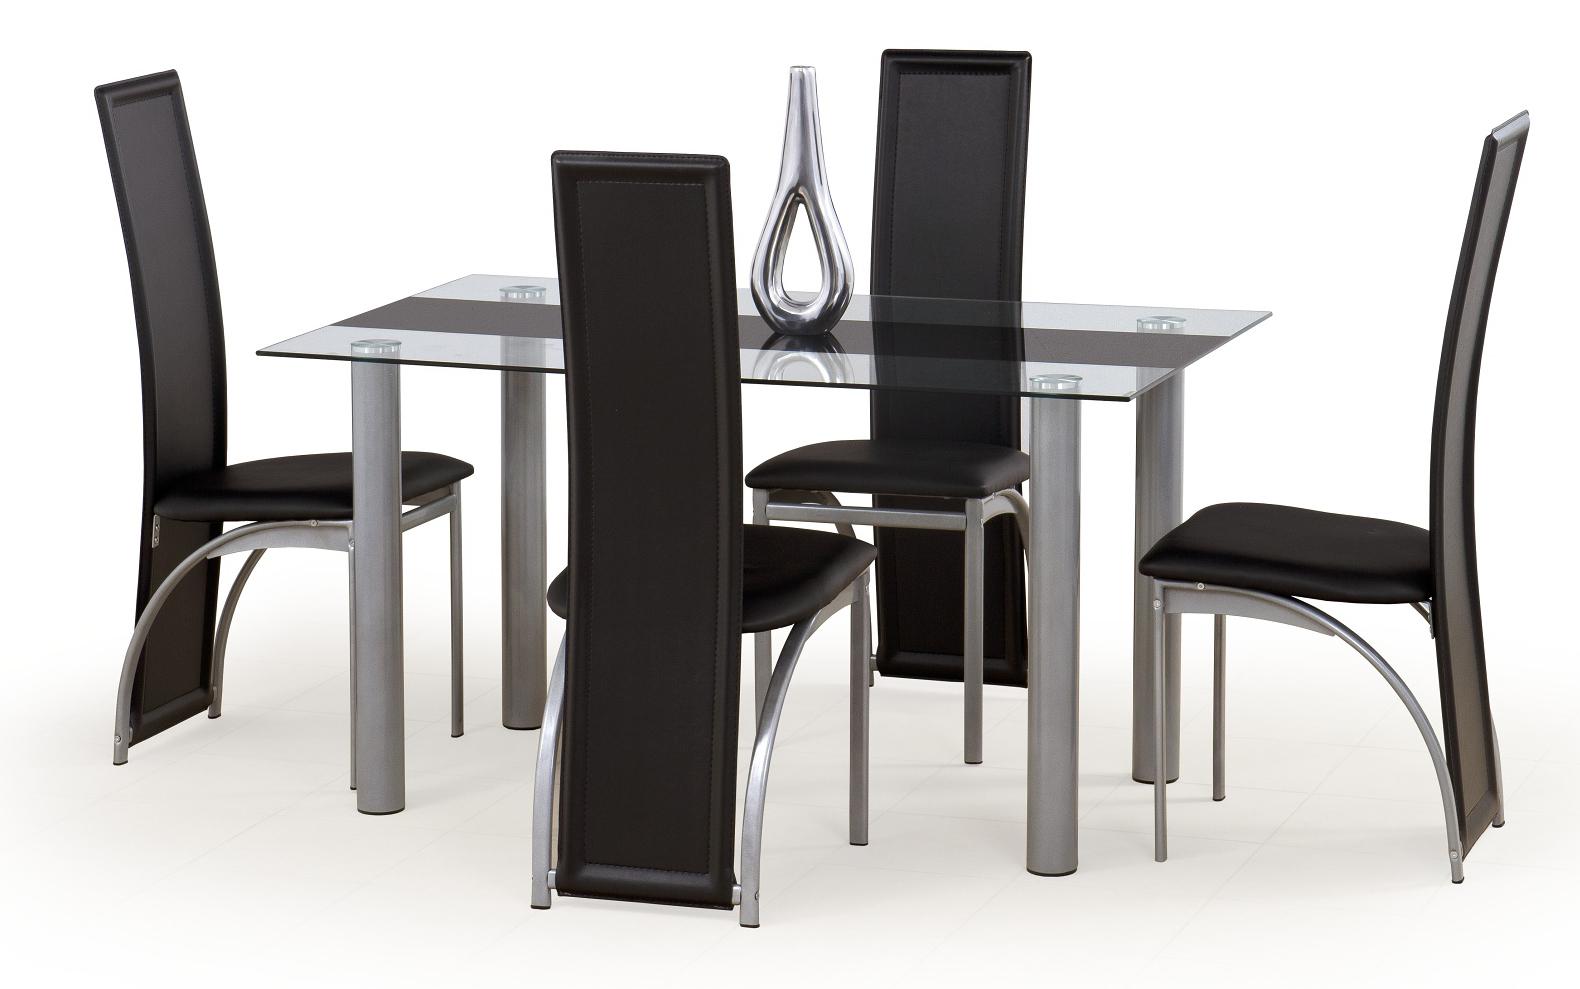 Jedálenský stôl - Halmar - Talon čierny pás (pre 6 osôb). Akcia -6%. Sme autorizovaný predajca Halmar. Vlastná spoľahlivá doprava až k Vám domov.